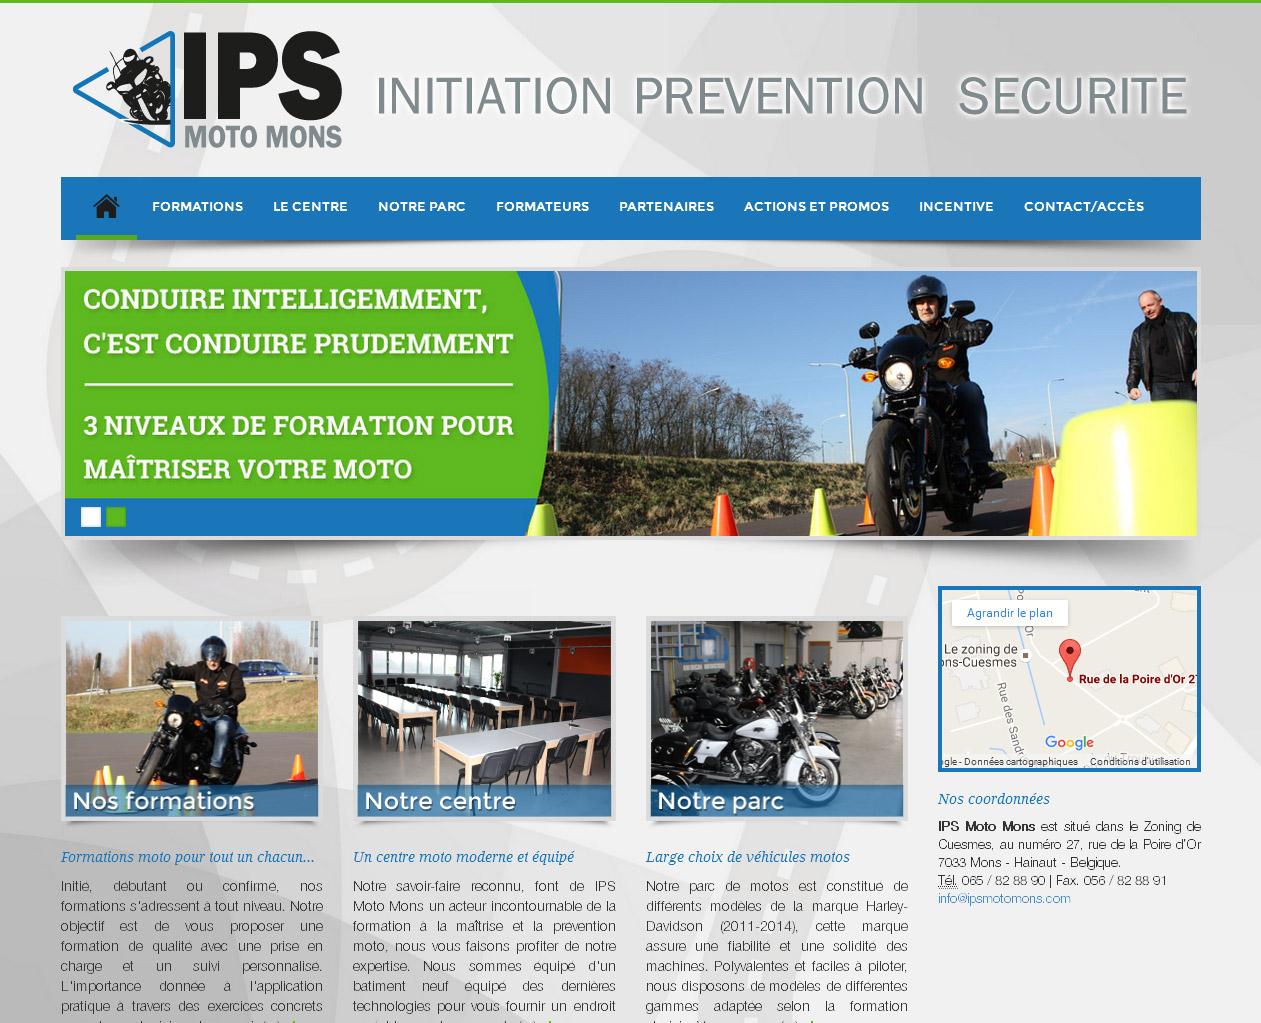 IPS : Initiation Prévention Sécurité